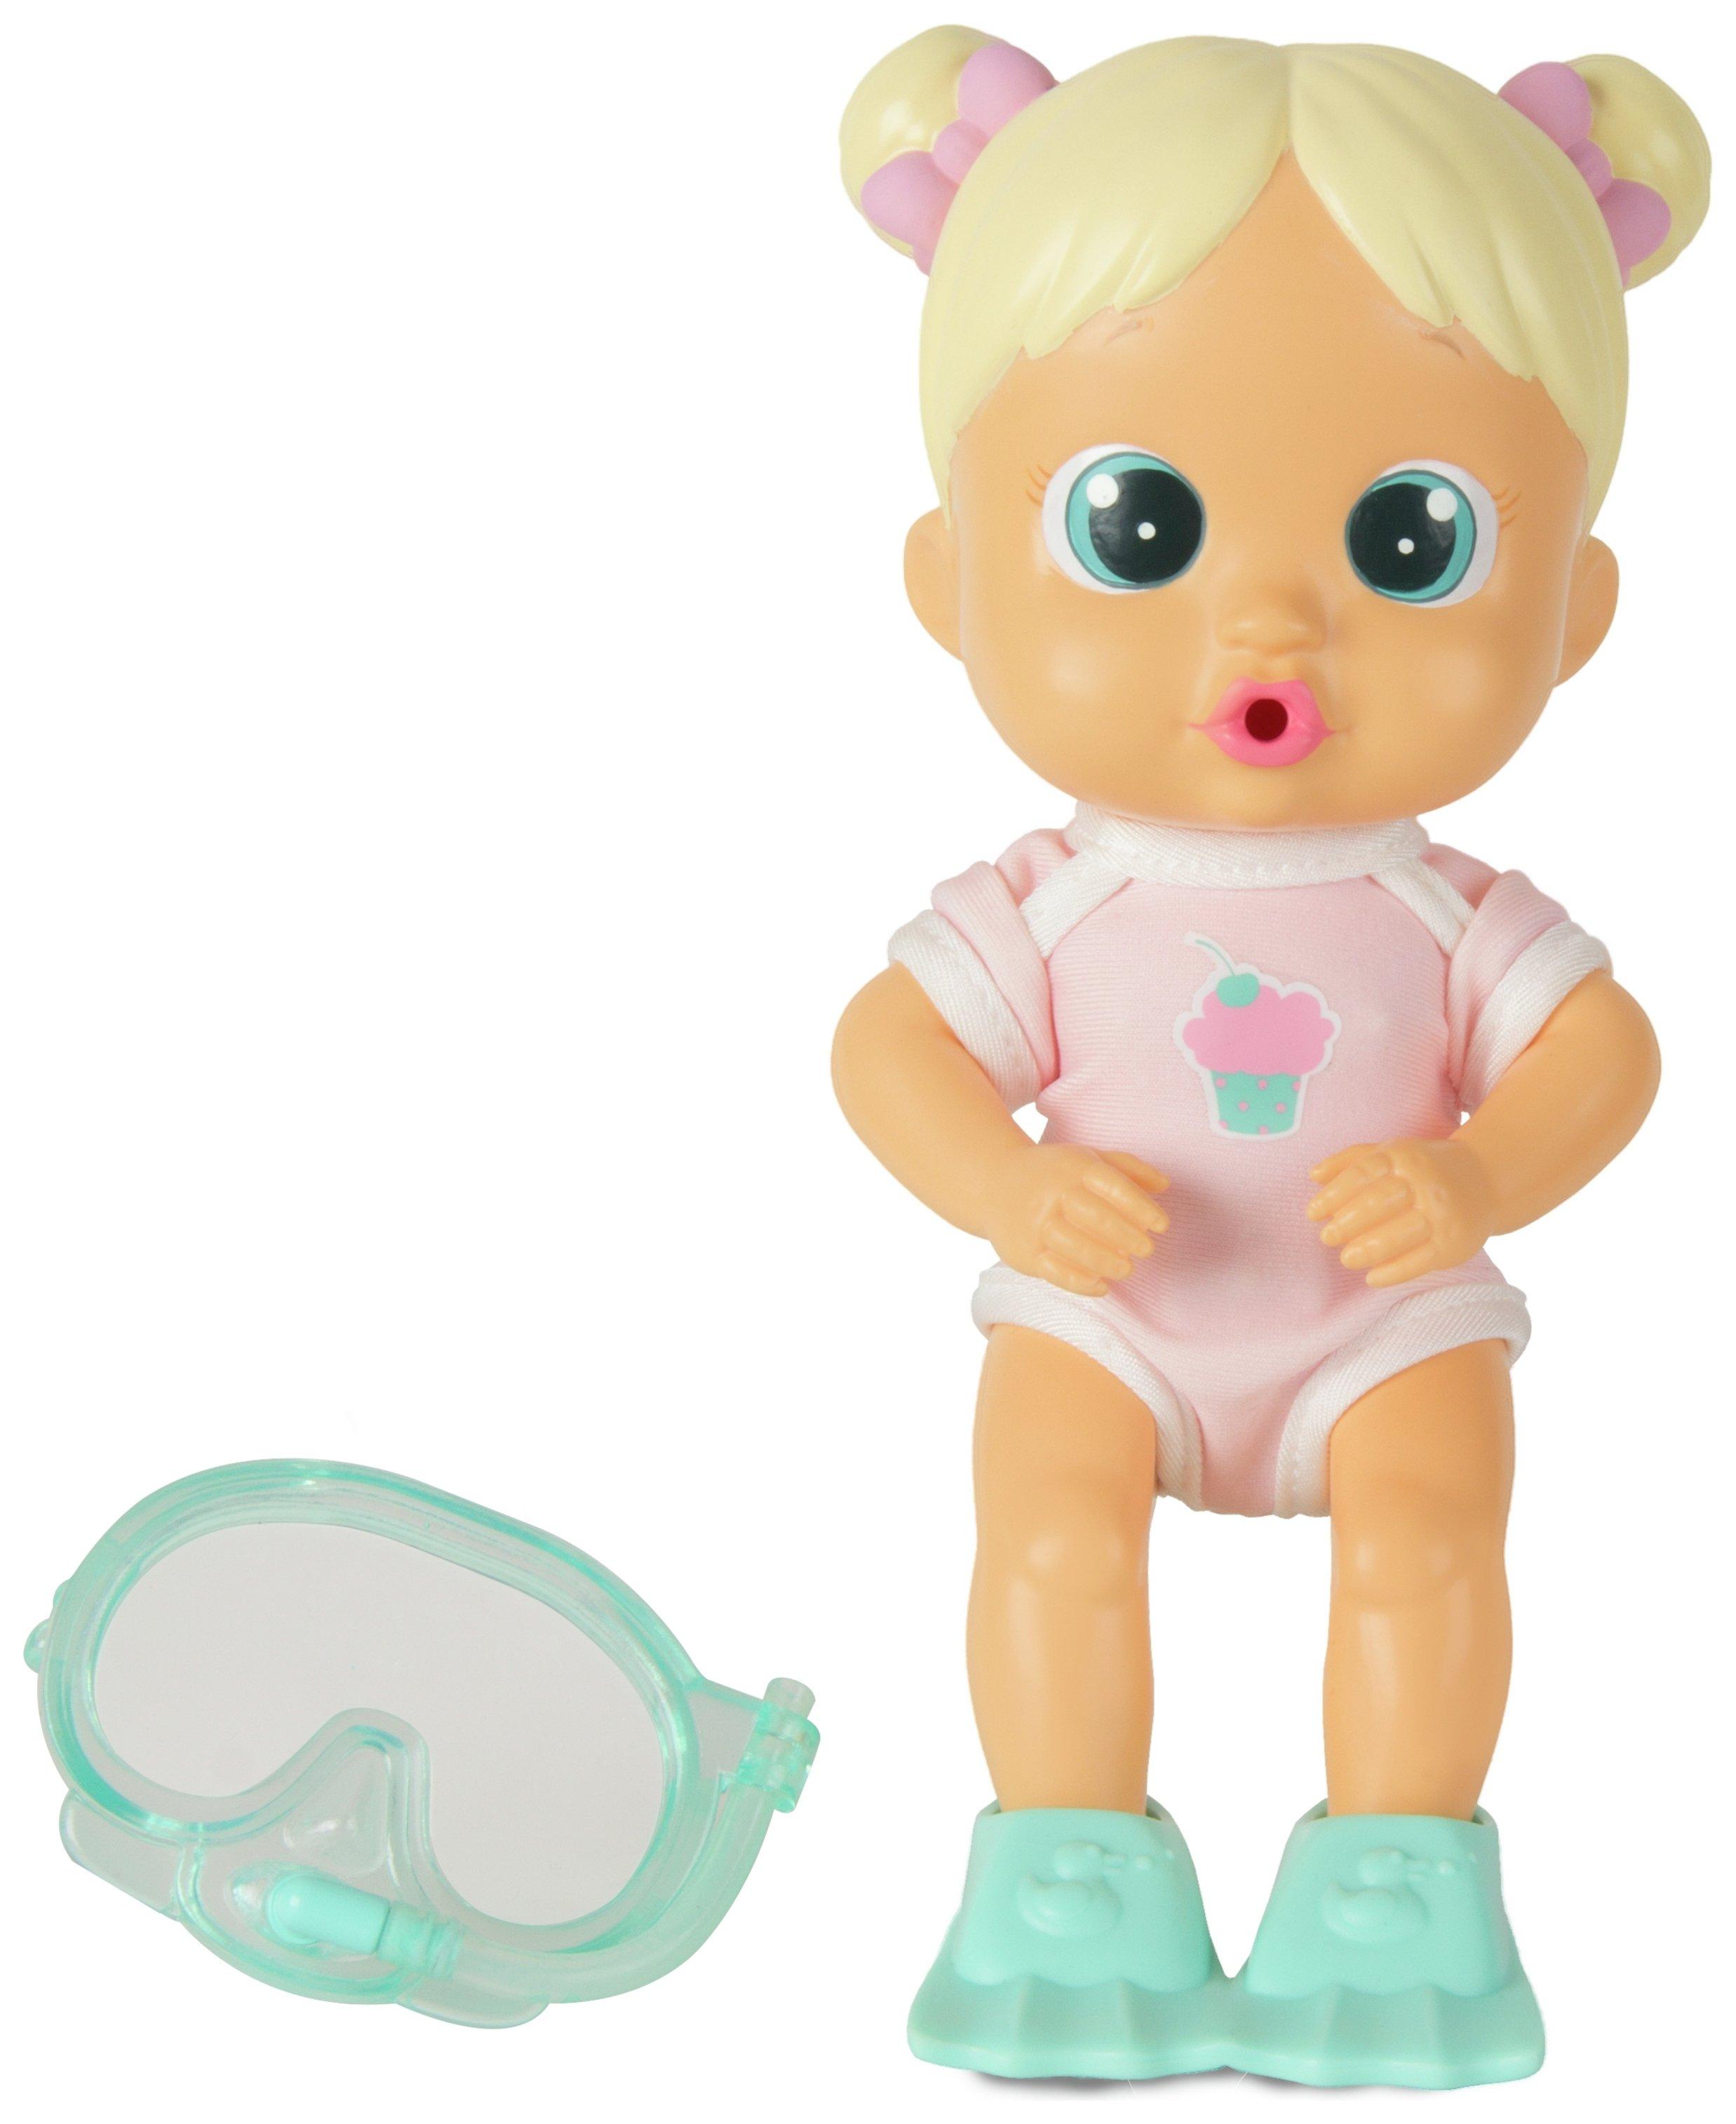 Image of Bloopies Babies - Sweety.